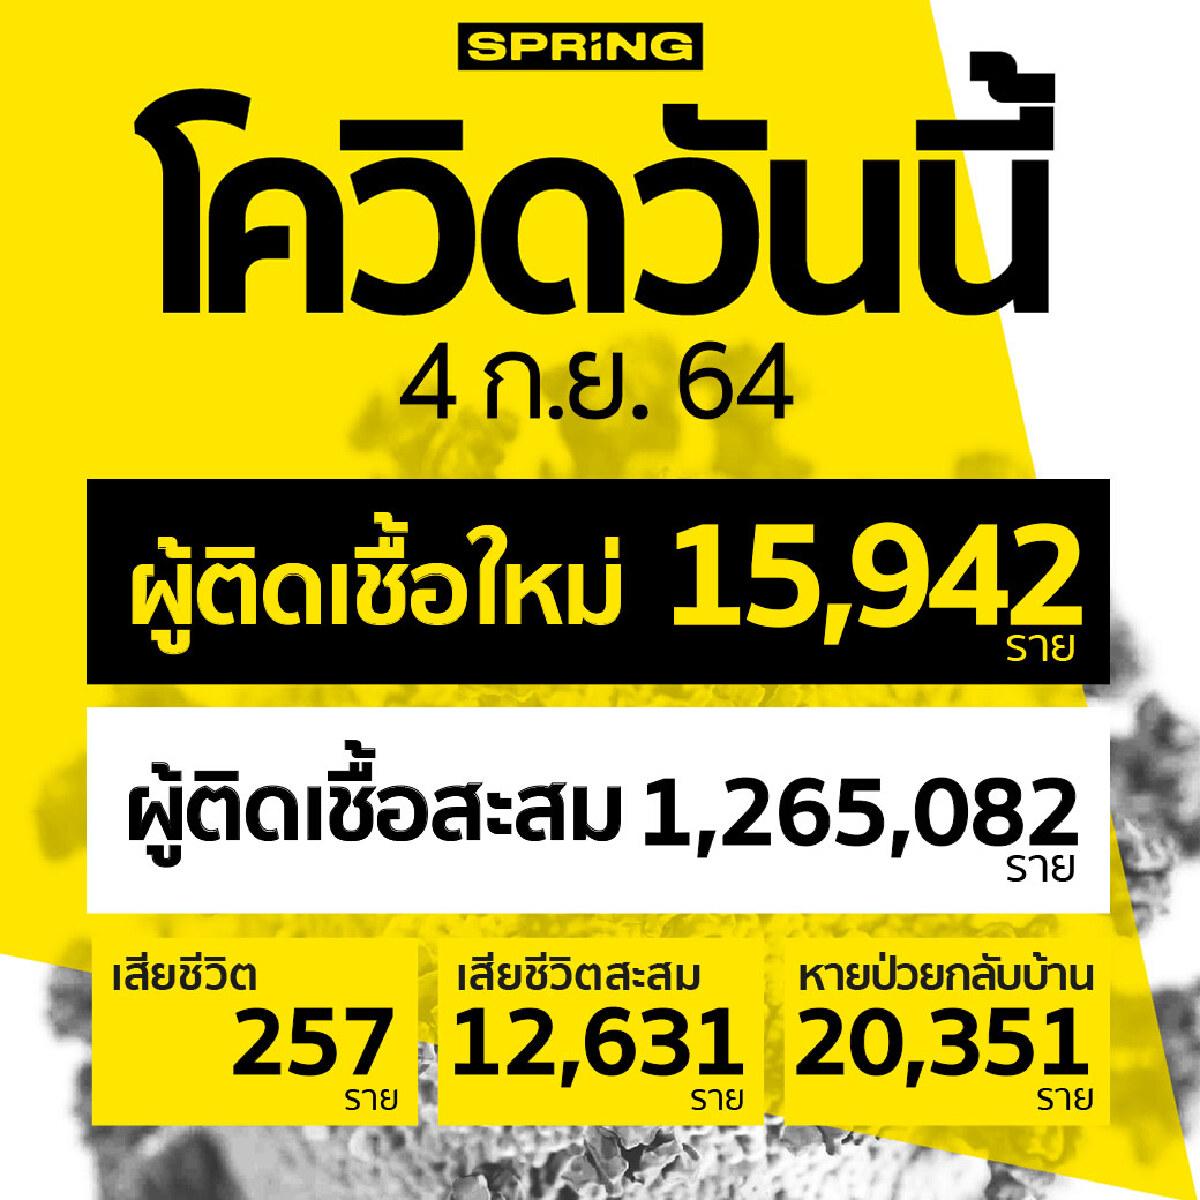 โควิดวันนี้ ติดเชื้อเพิ่ม 15,942 ราย สะสม 1,265,082 ราย เสียชีวิต 257 ราย